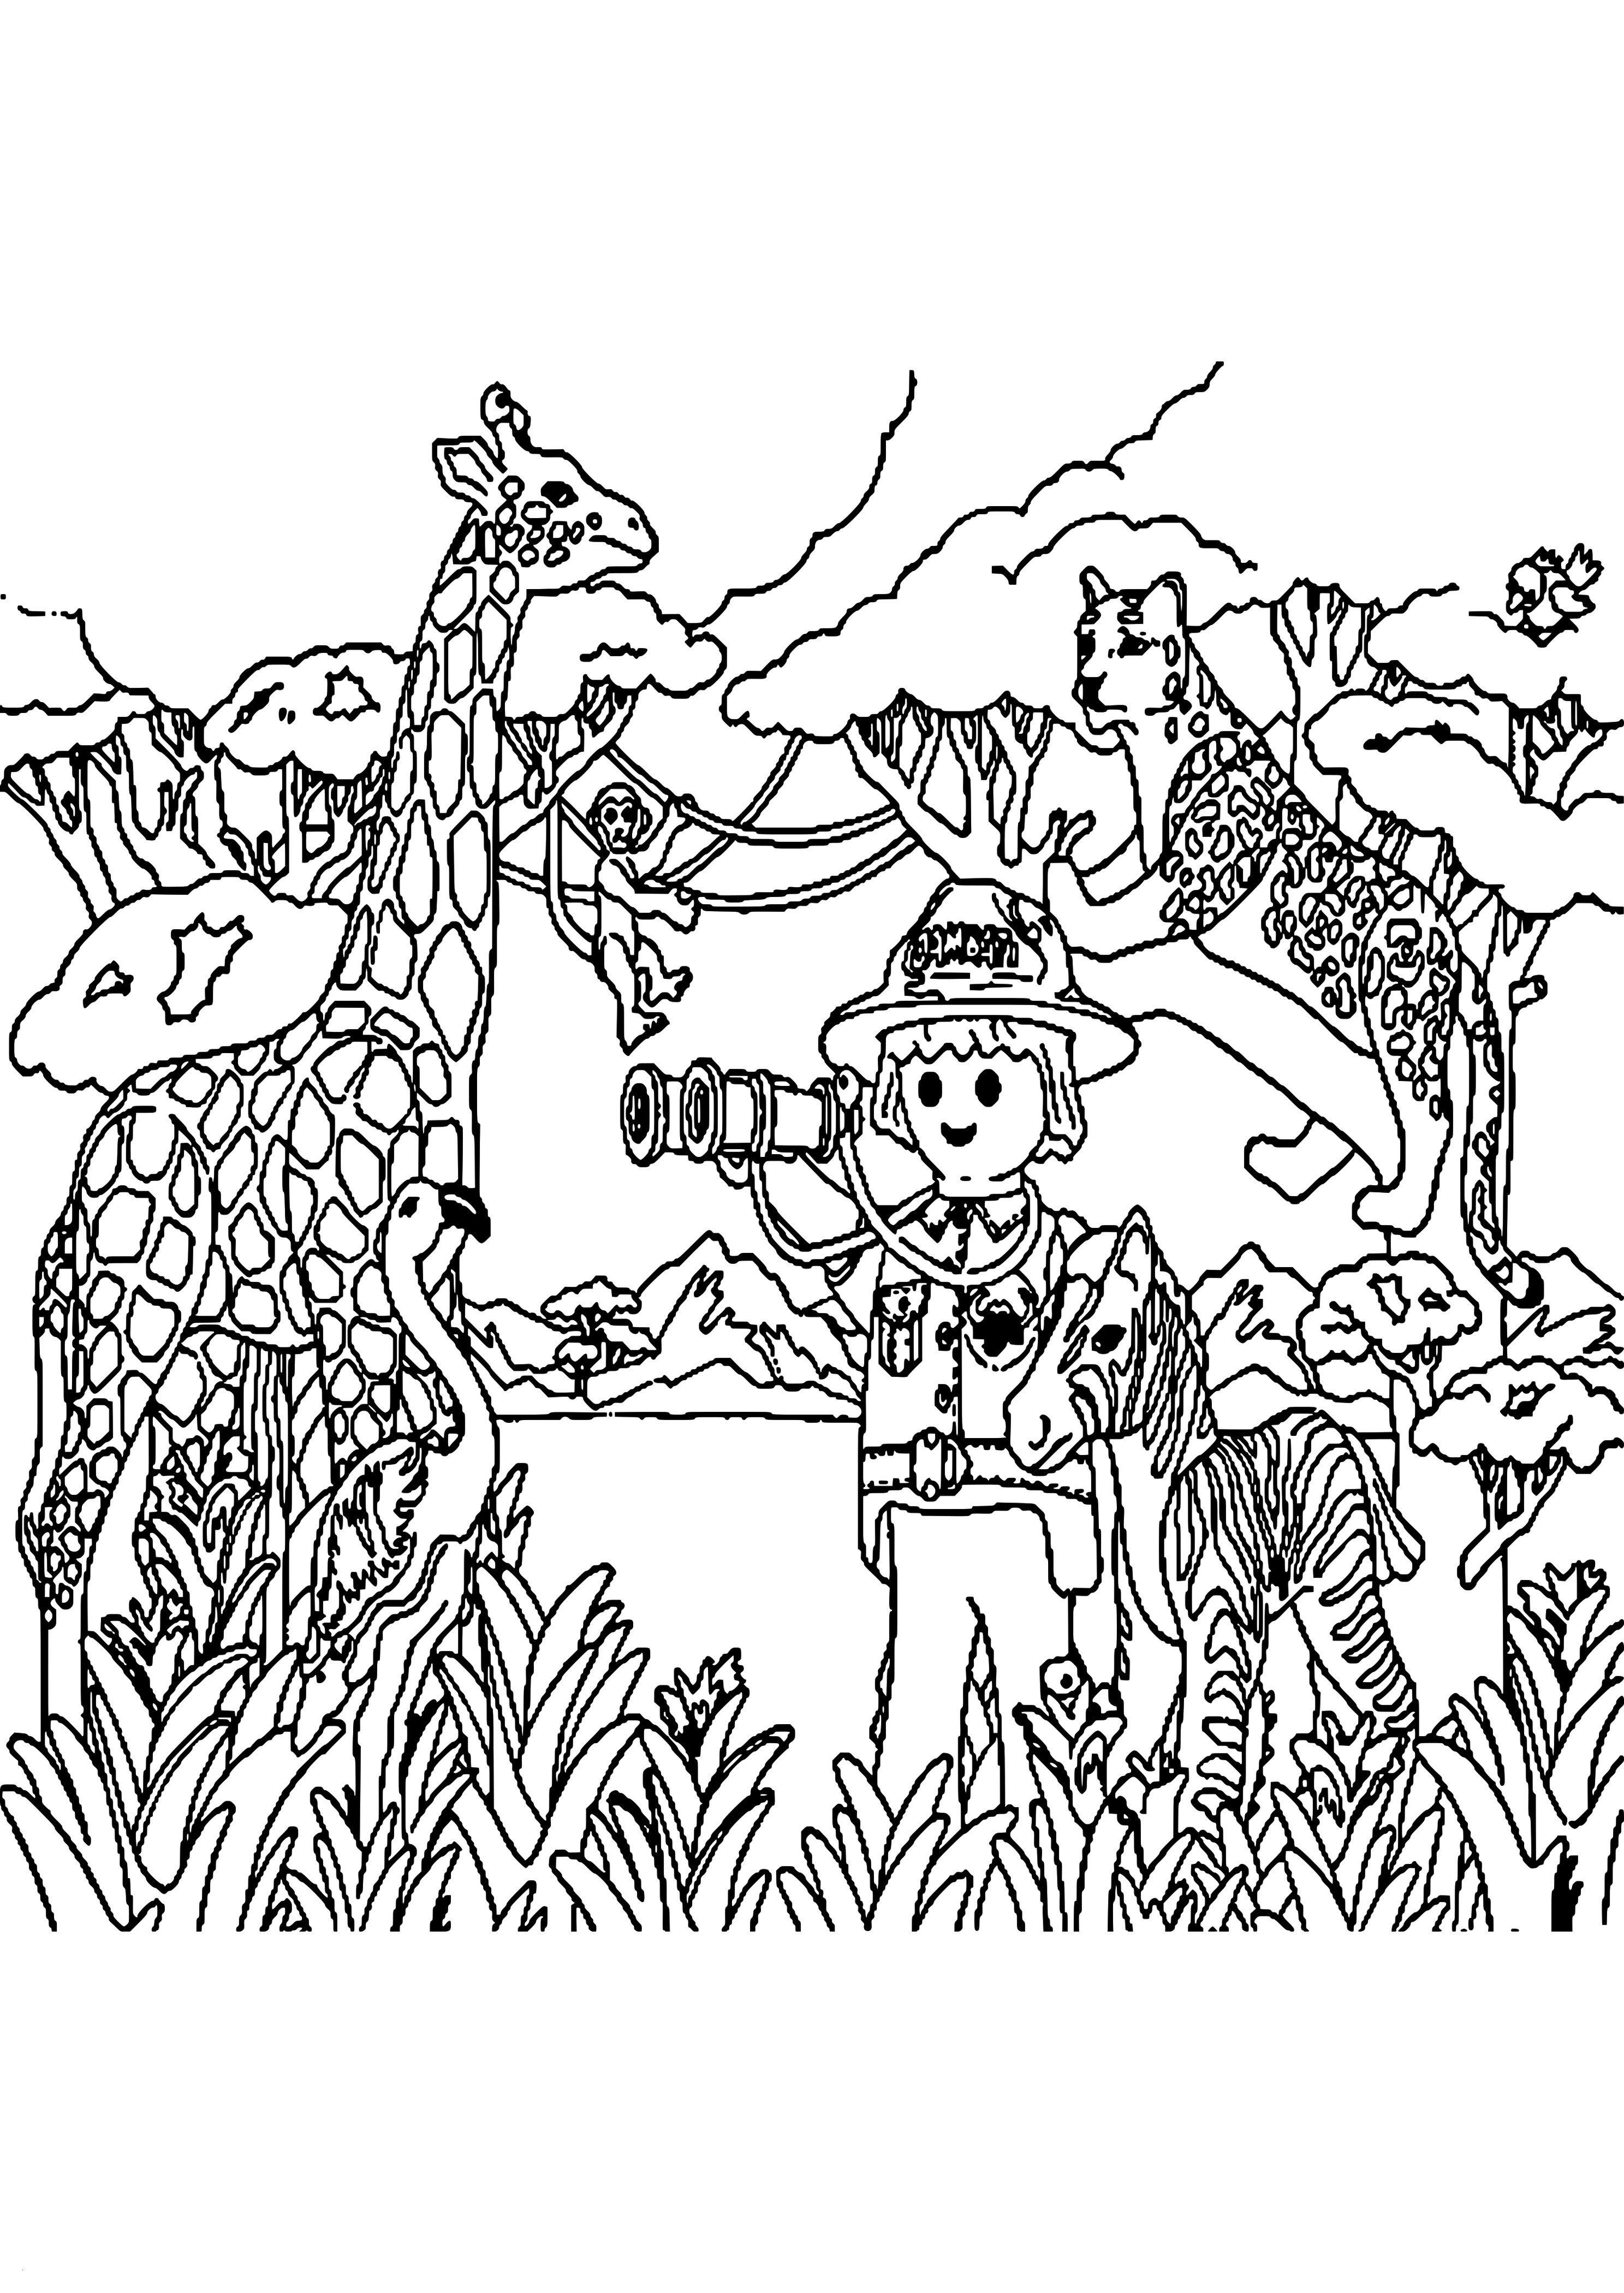 Ausmalbilder Herbst Tiere Das Beste Von Ausmalbilder Herbst Drachen Kostenlos Best Malvorlagen Igel Best Sammlung